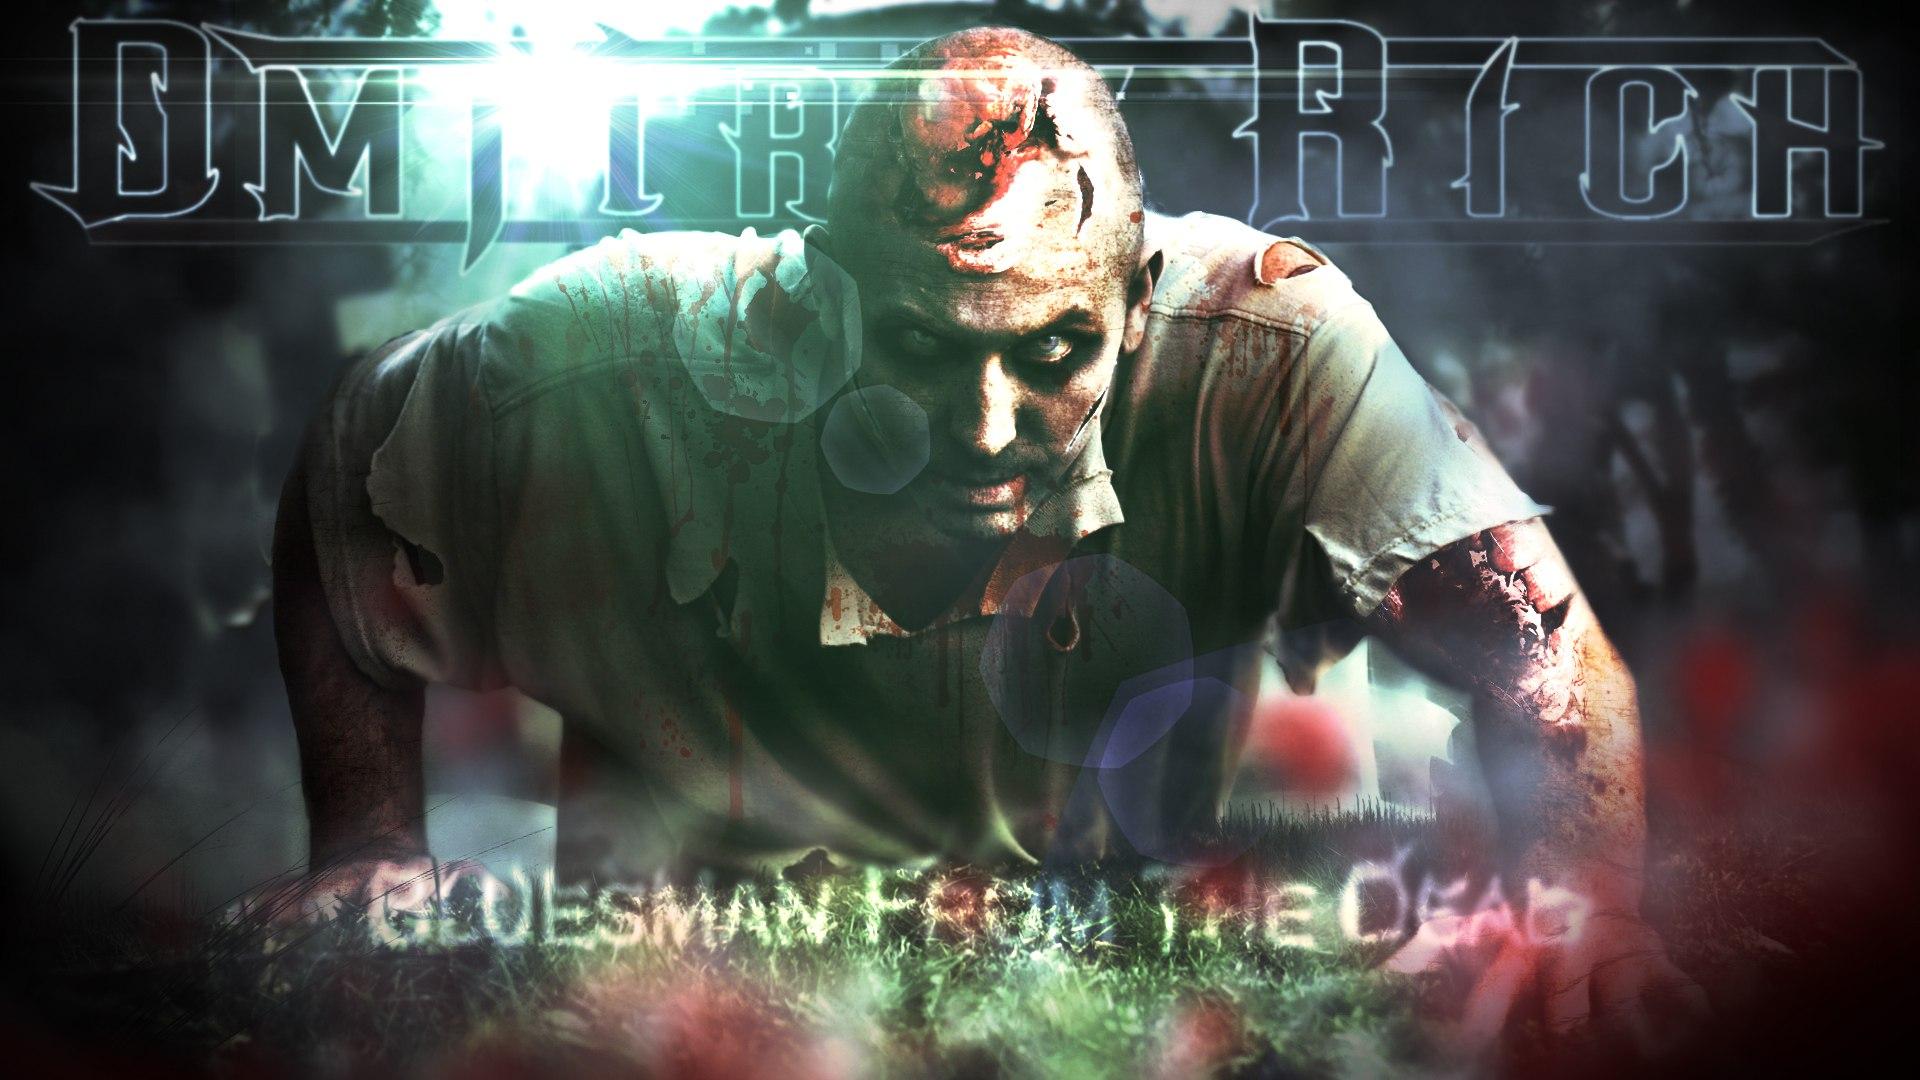 Bluesman From the Dead - 1